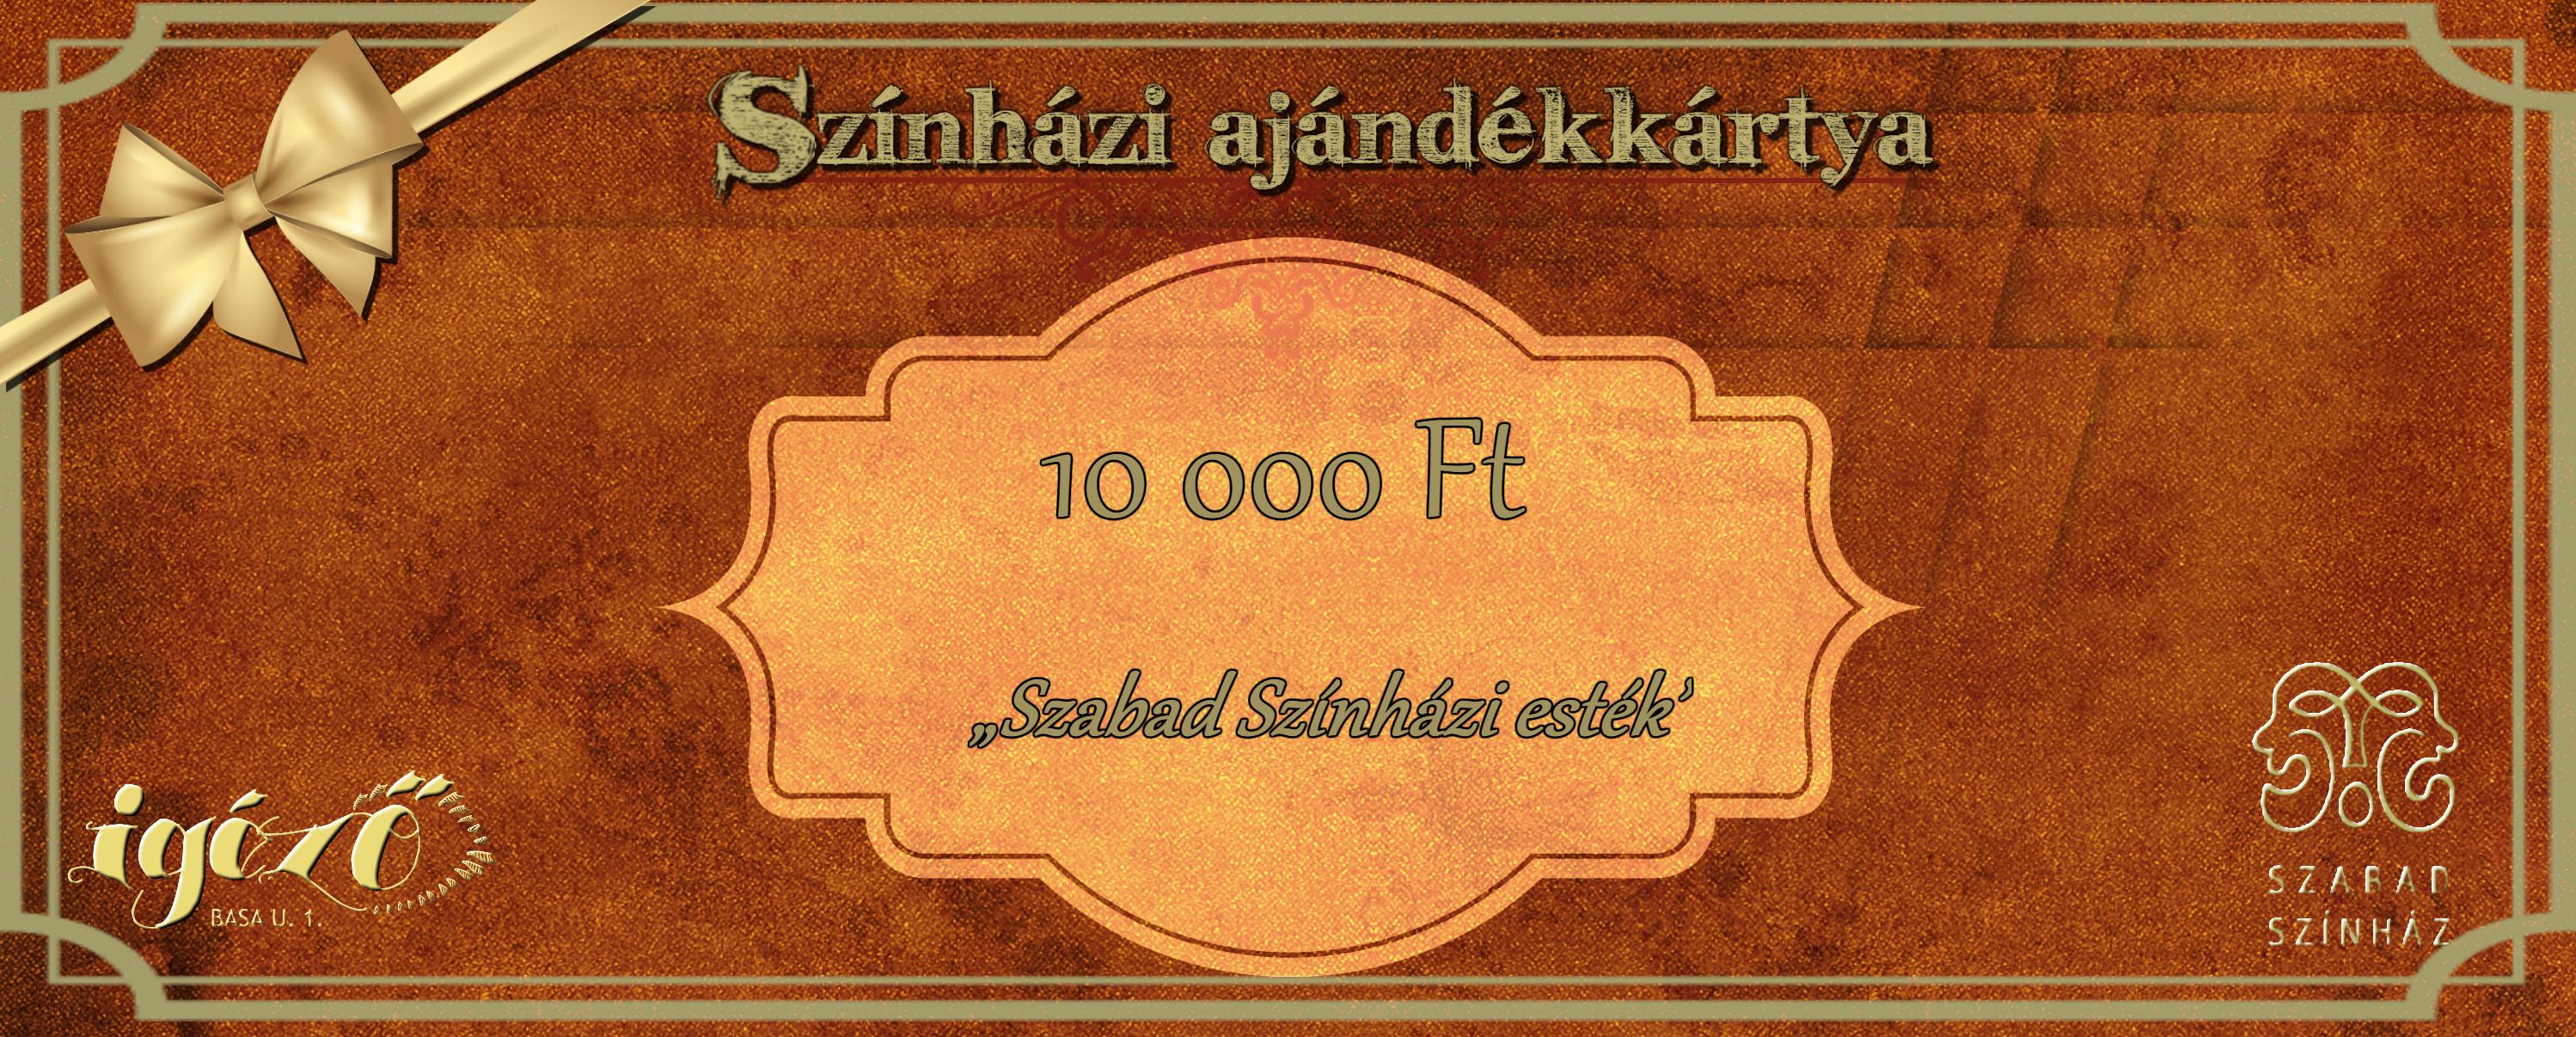 Szabad Színházi esték- ajándékkártya 10.000